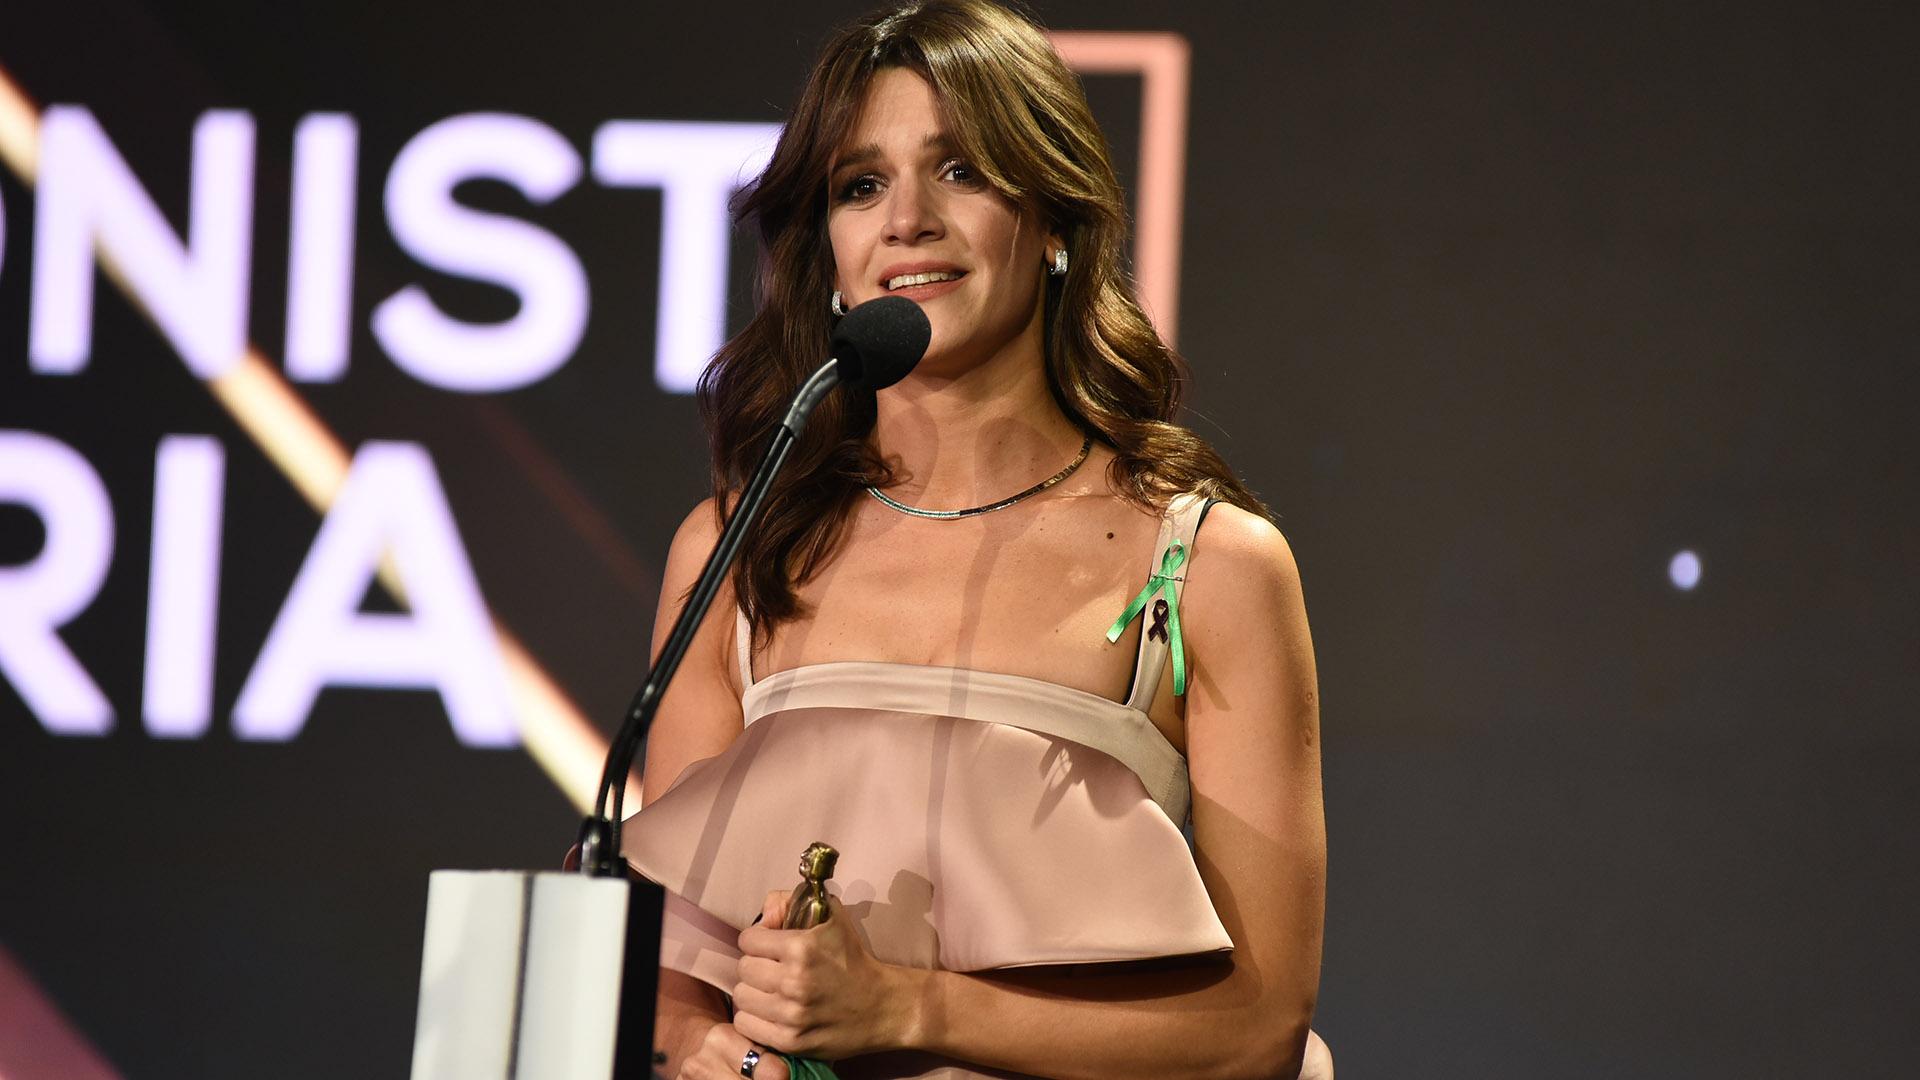 """Violeta Urtizberea ganó el premio a Mejor Actriz Protagónica de ficción diaria por su trabajo en""""Las Estrellas"""". Realizó un discurso a favor del aborto legal, seguro y gratuito: """"Las mujeres sean unidas…"""""""